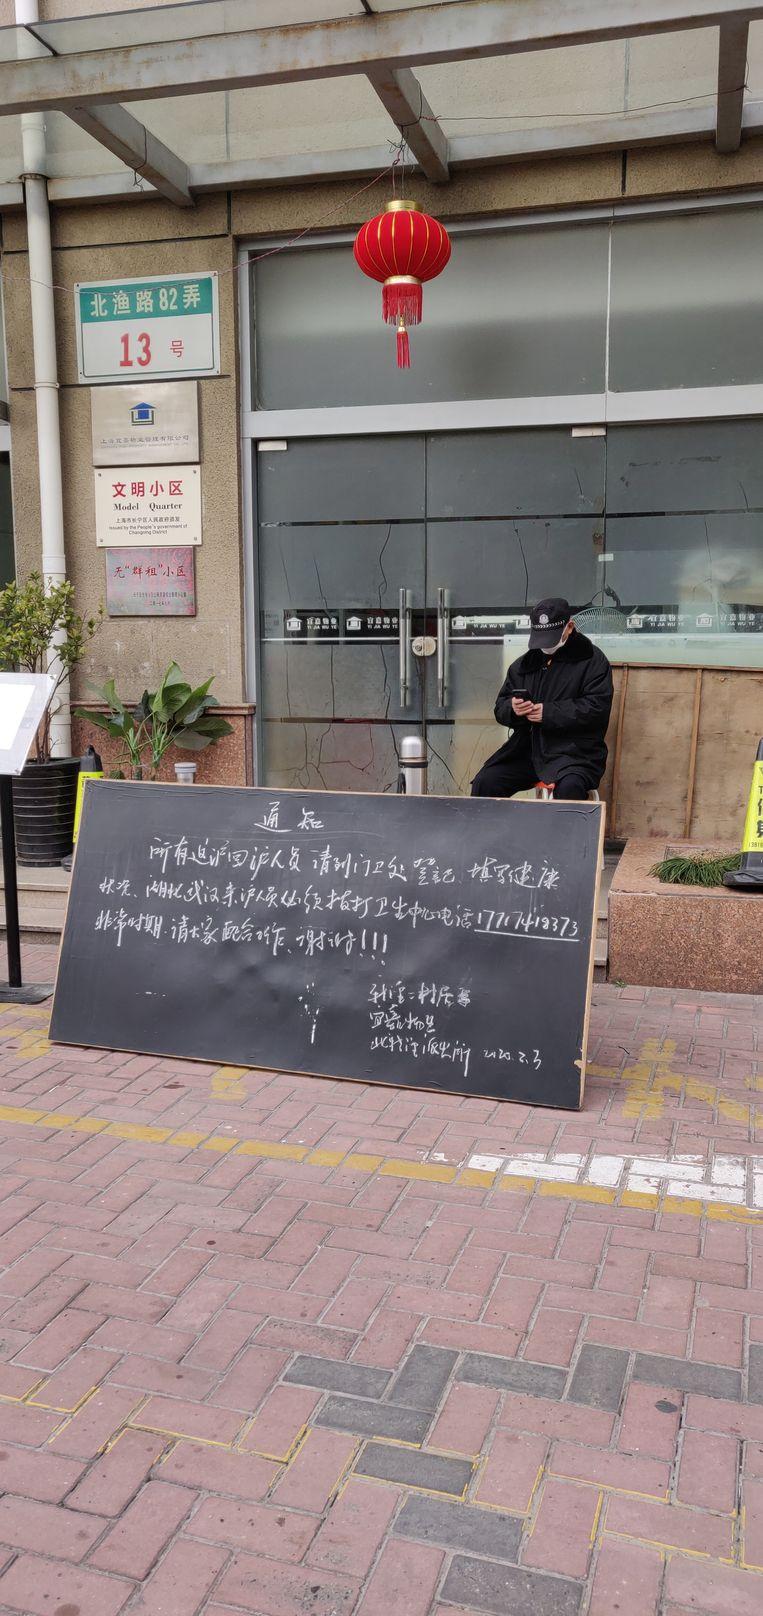 In buurt Xinjing nr 2. in Shanghai houdt een buurtbewaker de wacht bij de ingang van de wijk. Op het bod staan gedragsregels voor de bewoners.  Beeld Eefje Rammeloo